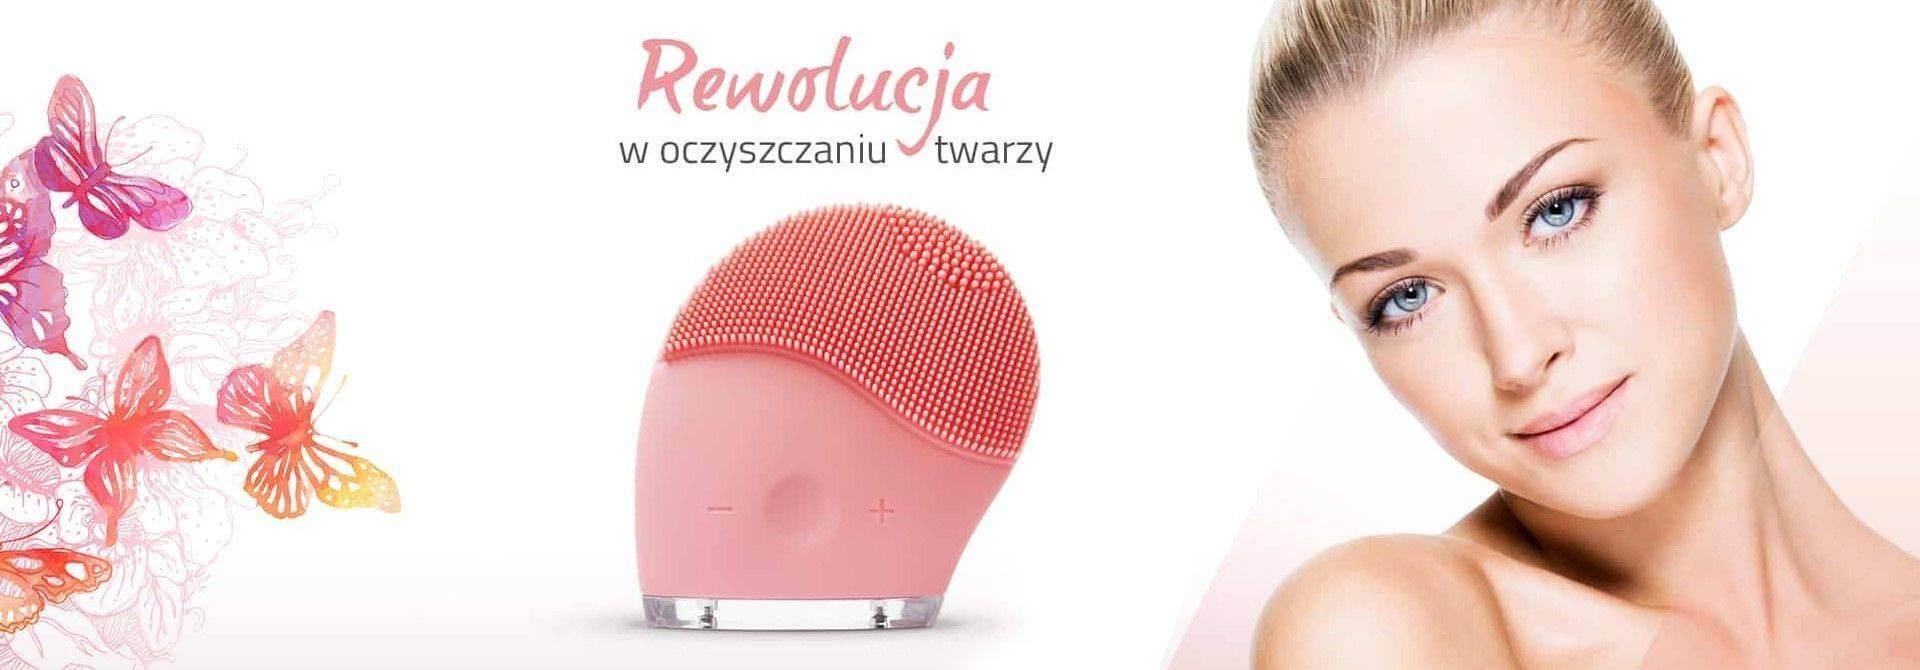 Puffi - szczotecza soniczna do oczyszczania twarzy